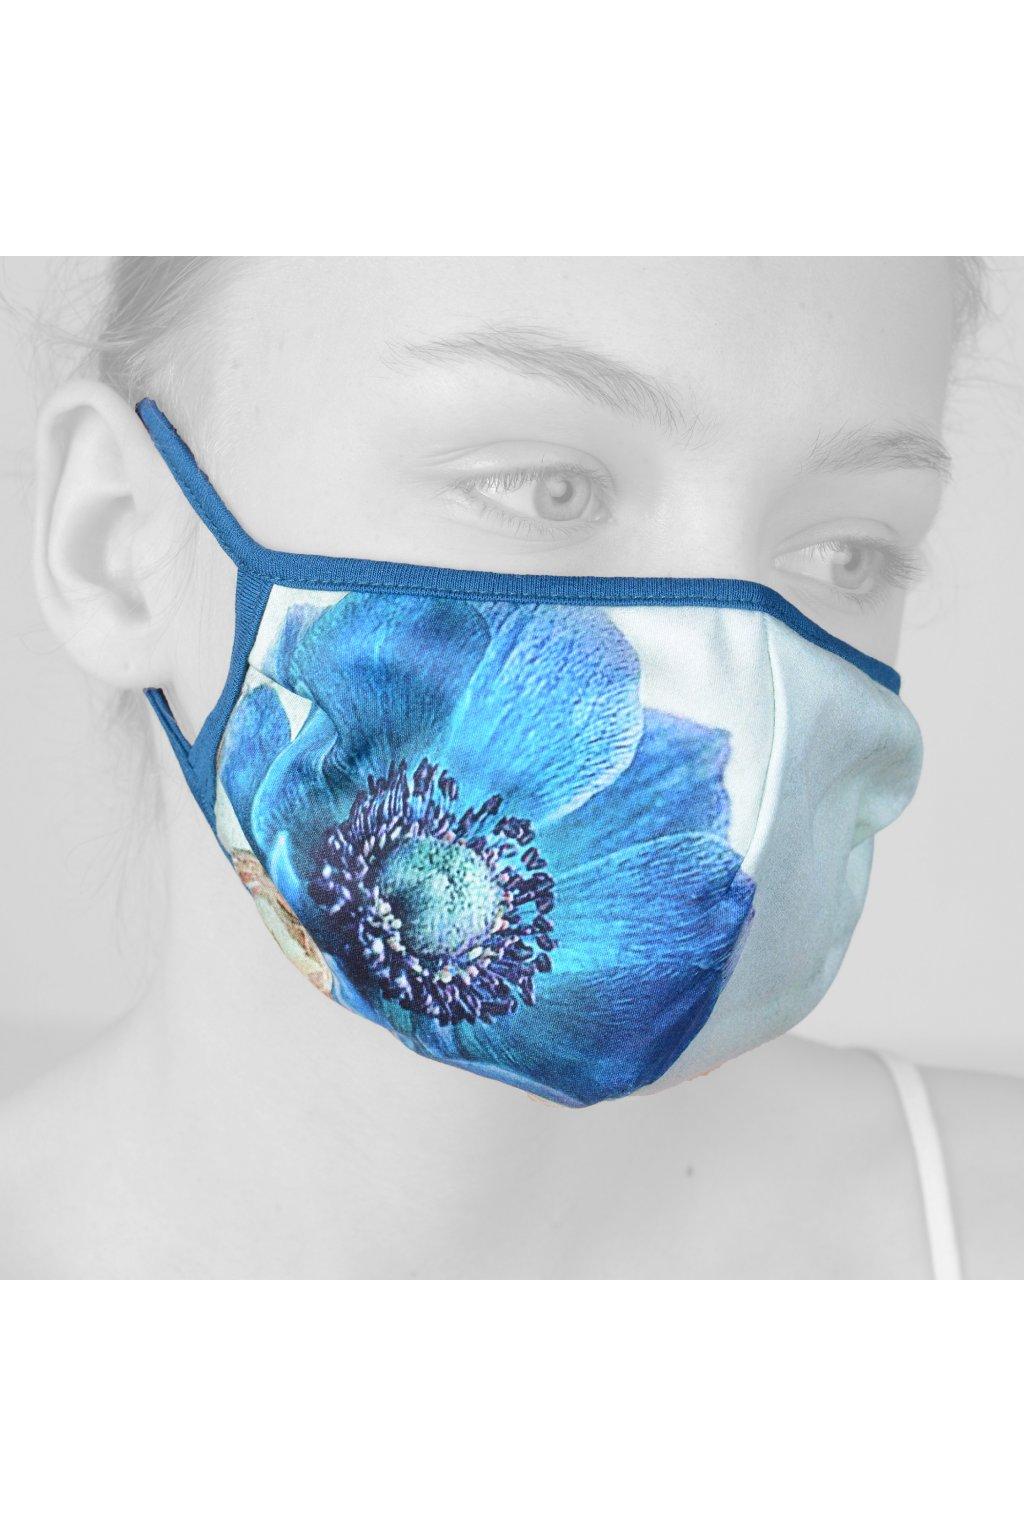 Rouška jednovrstvá Dámská - Modrý květ